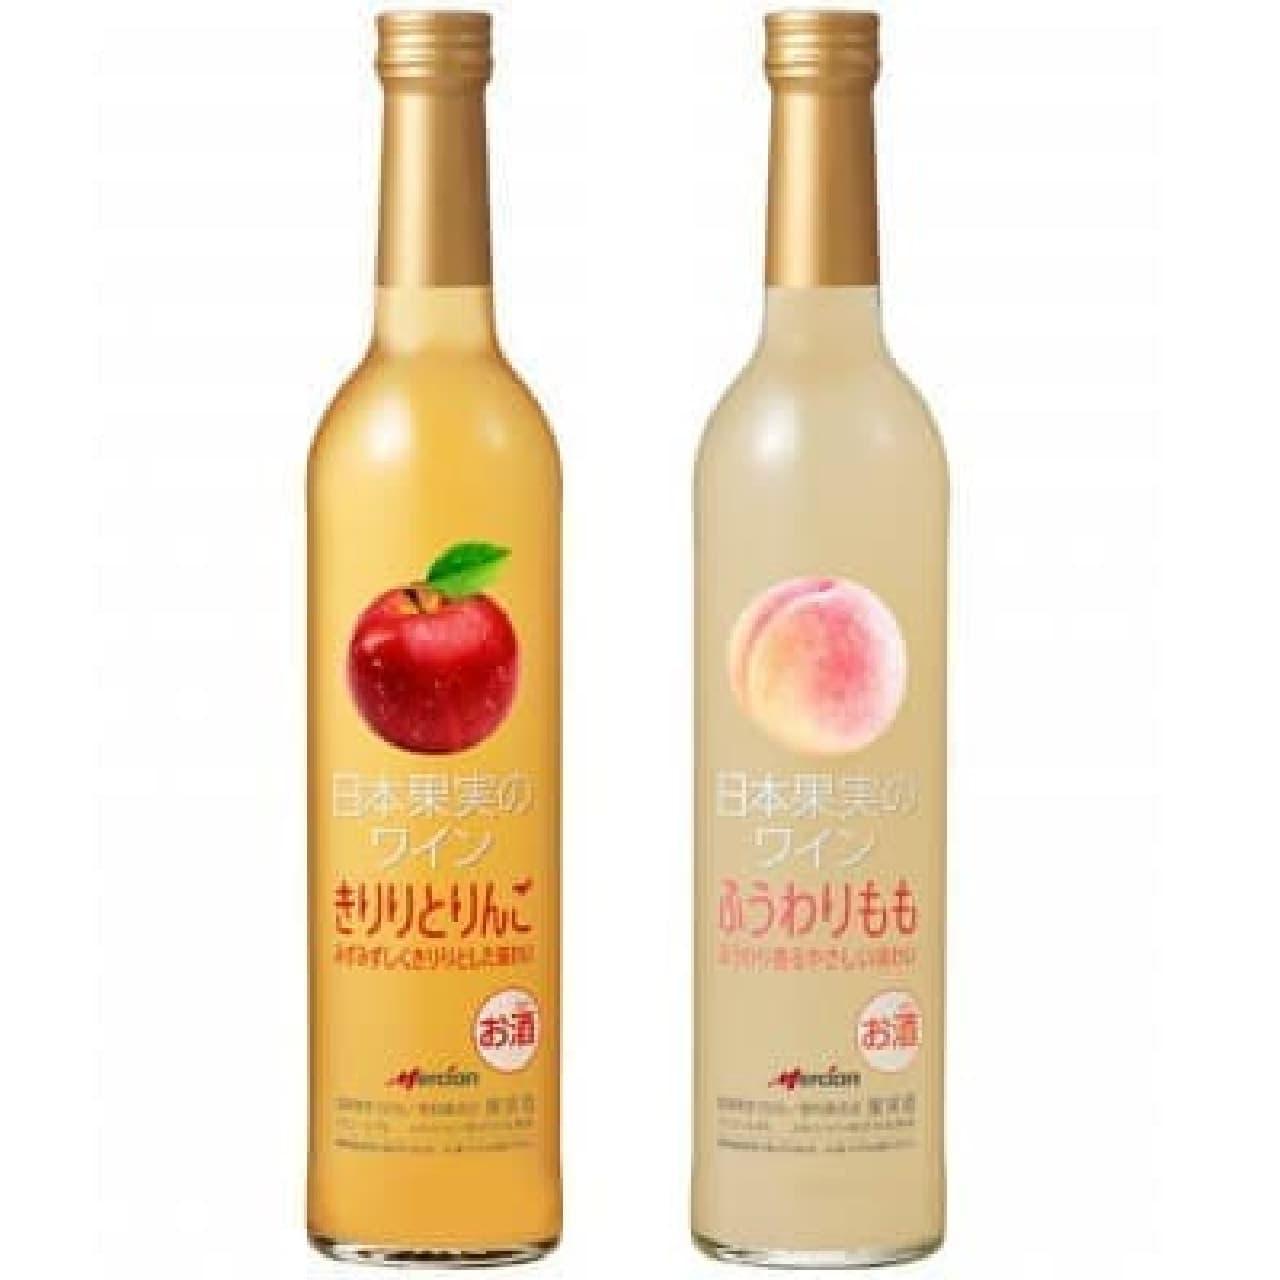 国産果実100%のワイン2種が登場!